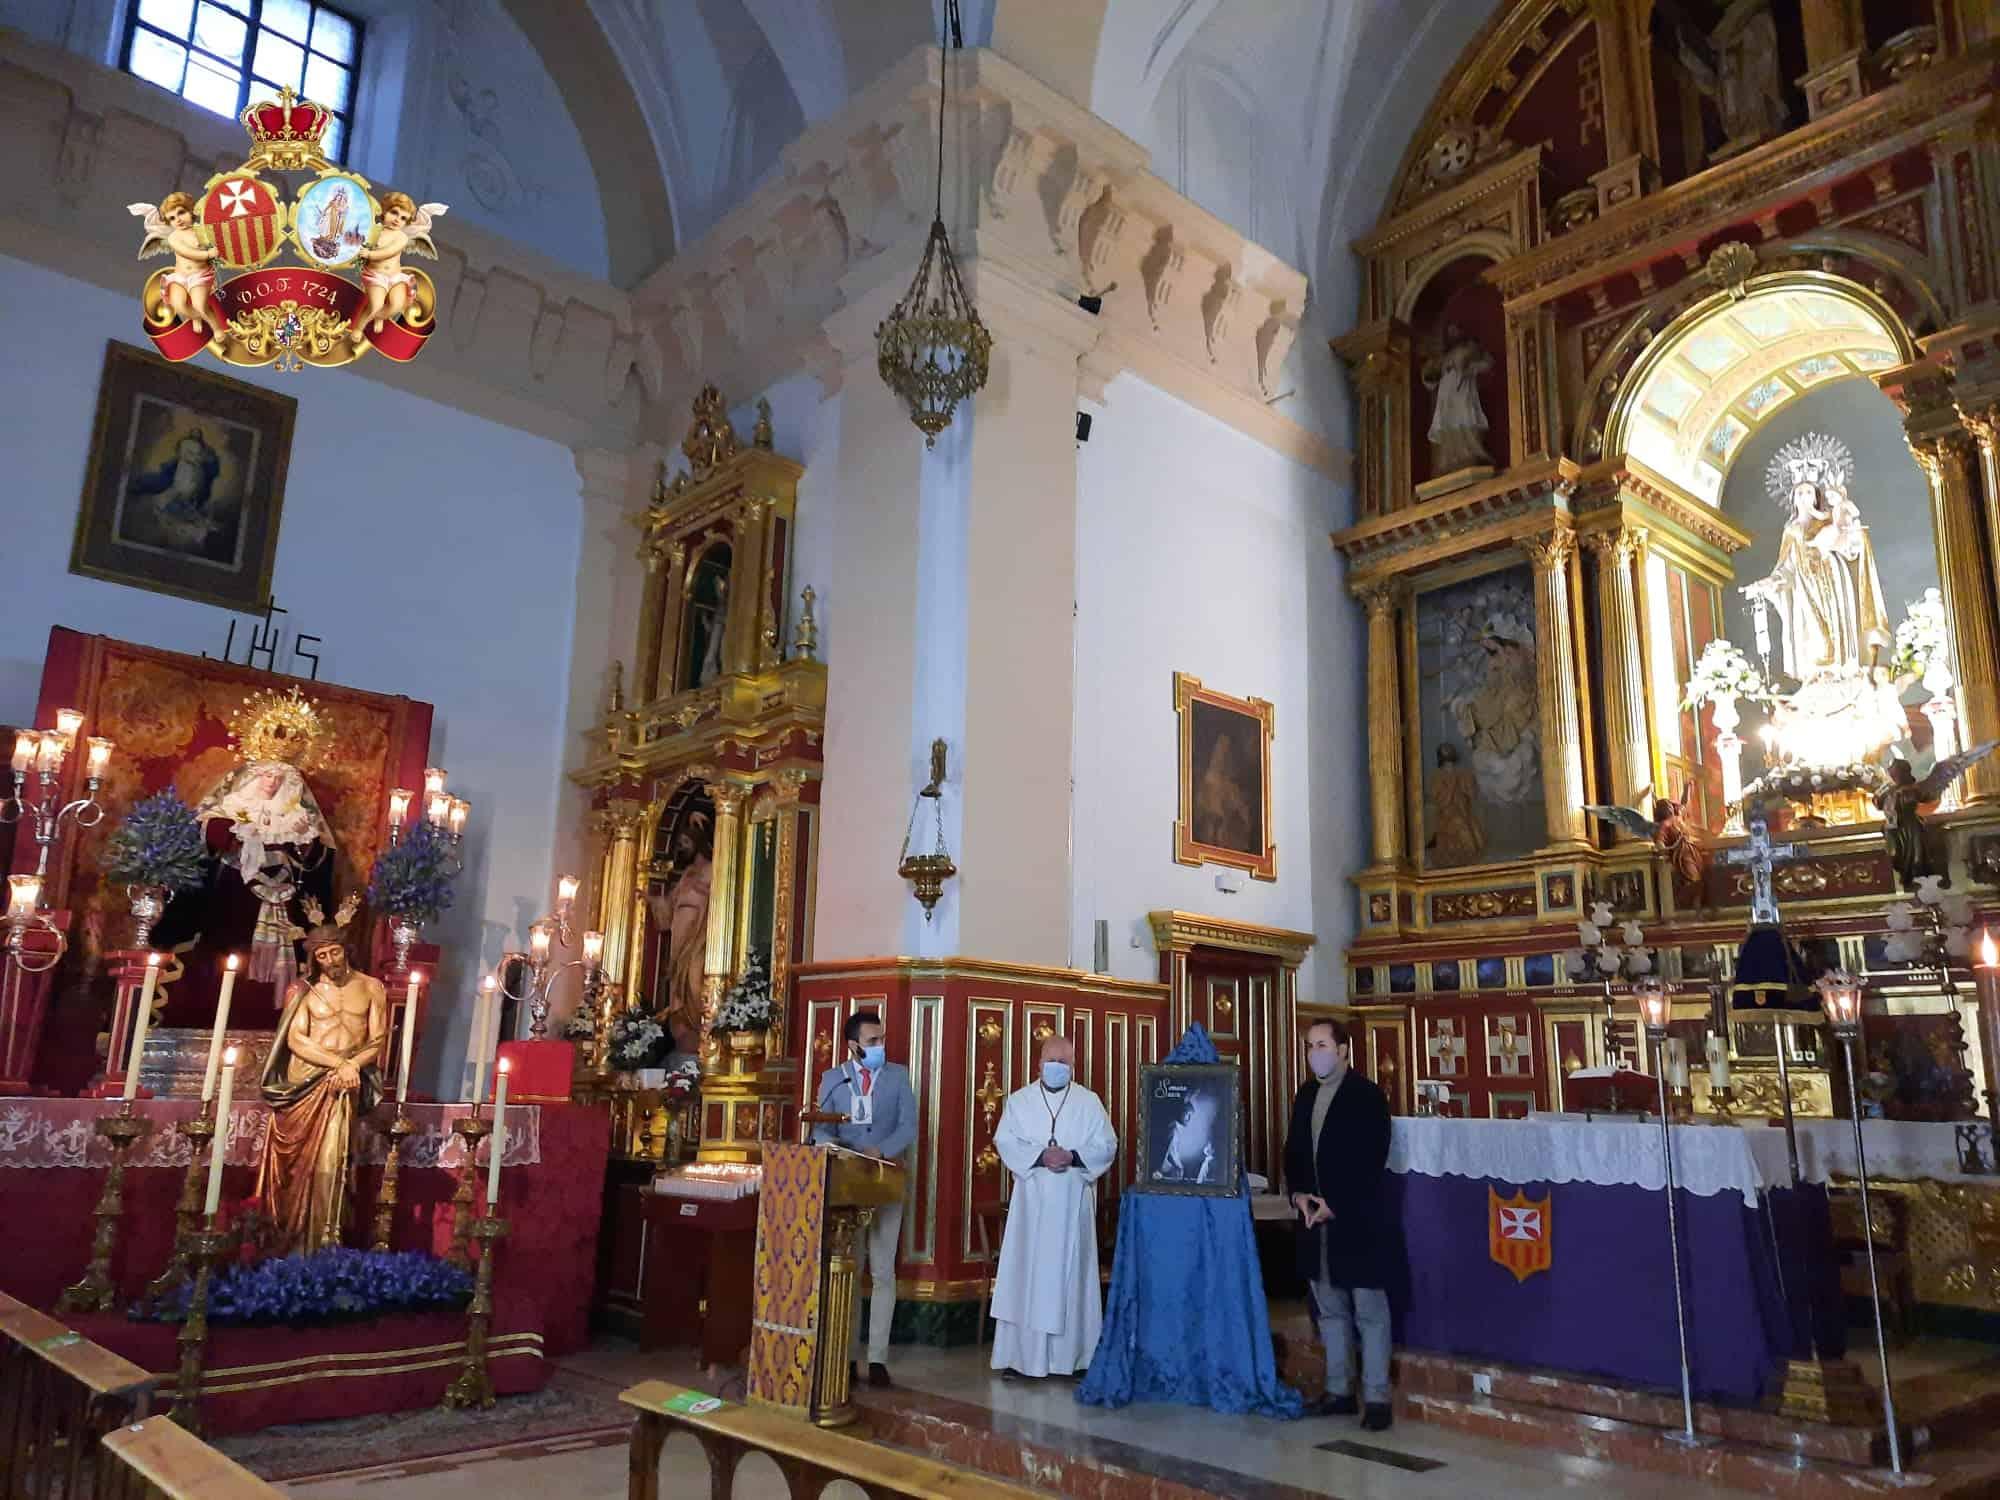 Presentado el cartel de Semana Santa del Convento de La Merced 12